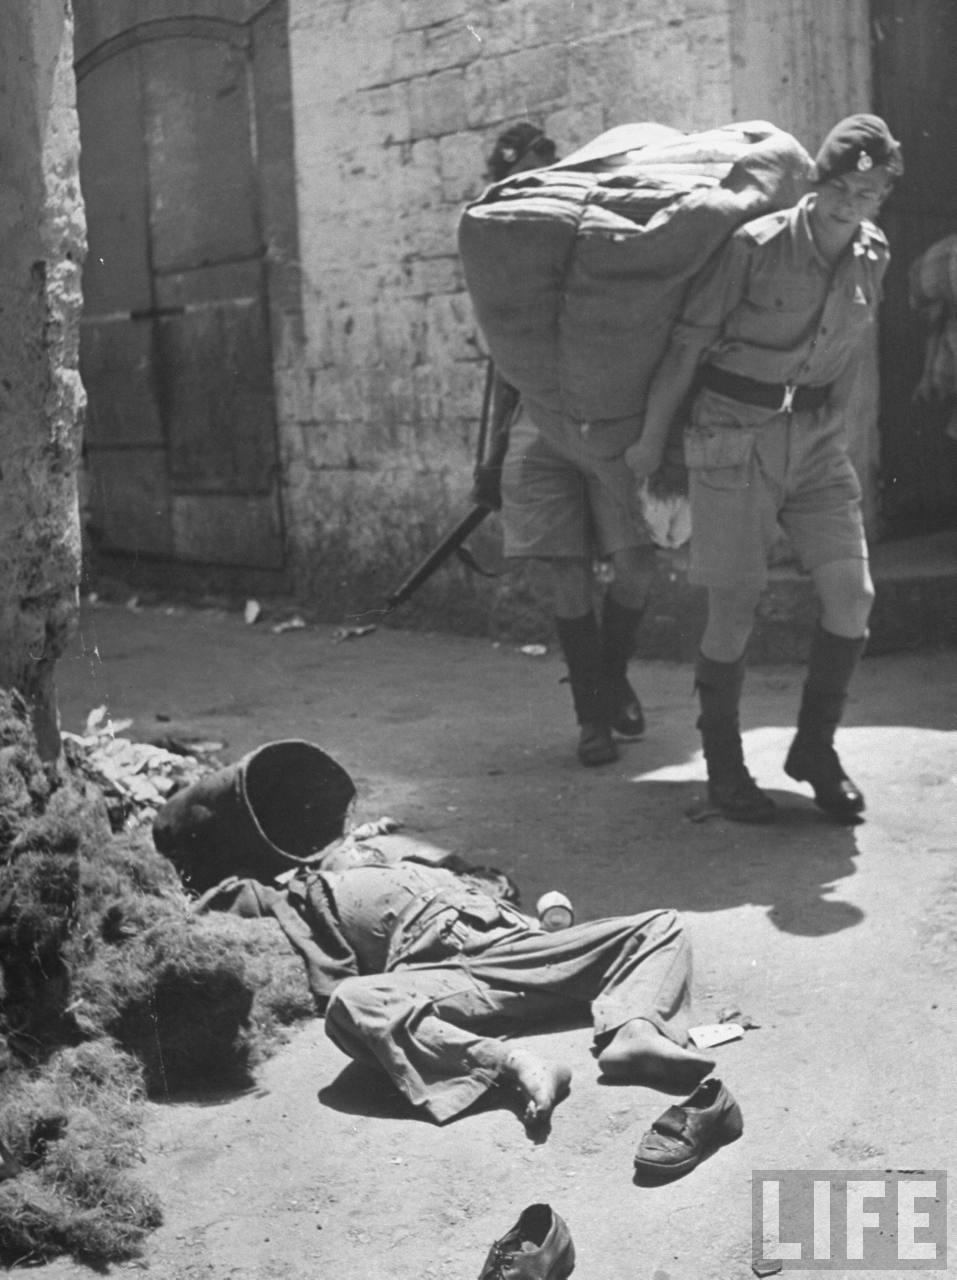 Мертвый 13-летний арабский мальчик на улице Хайфы. Апрель